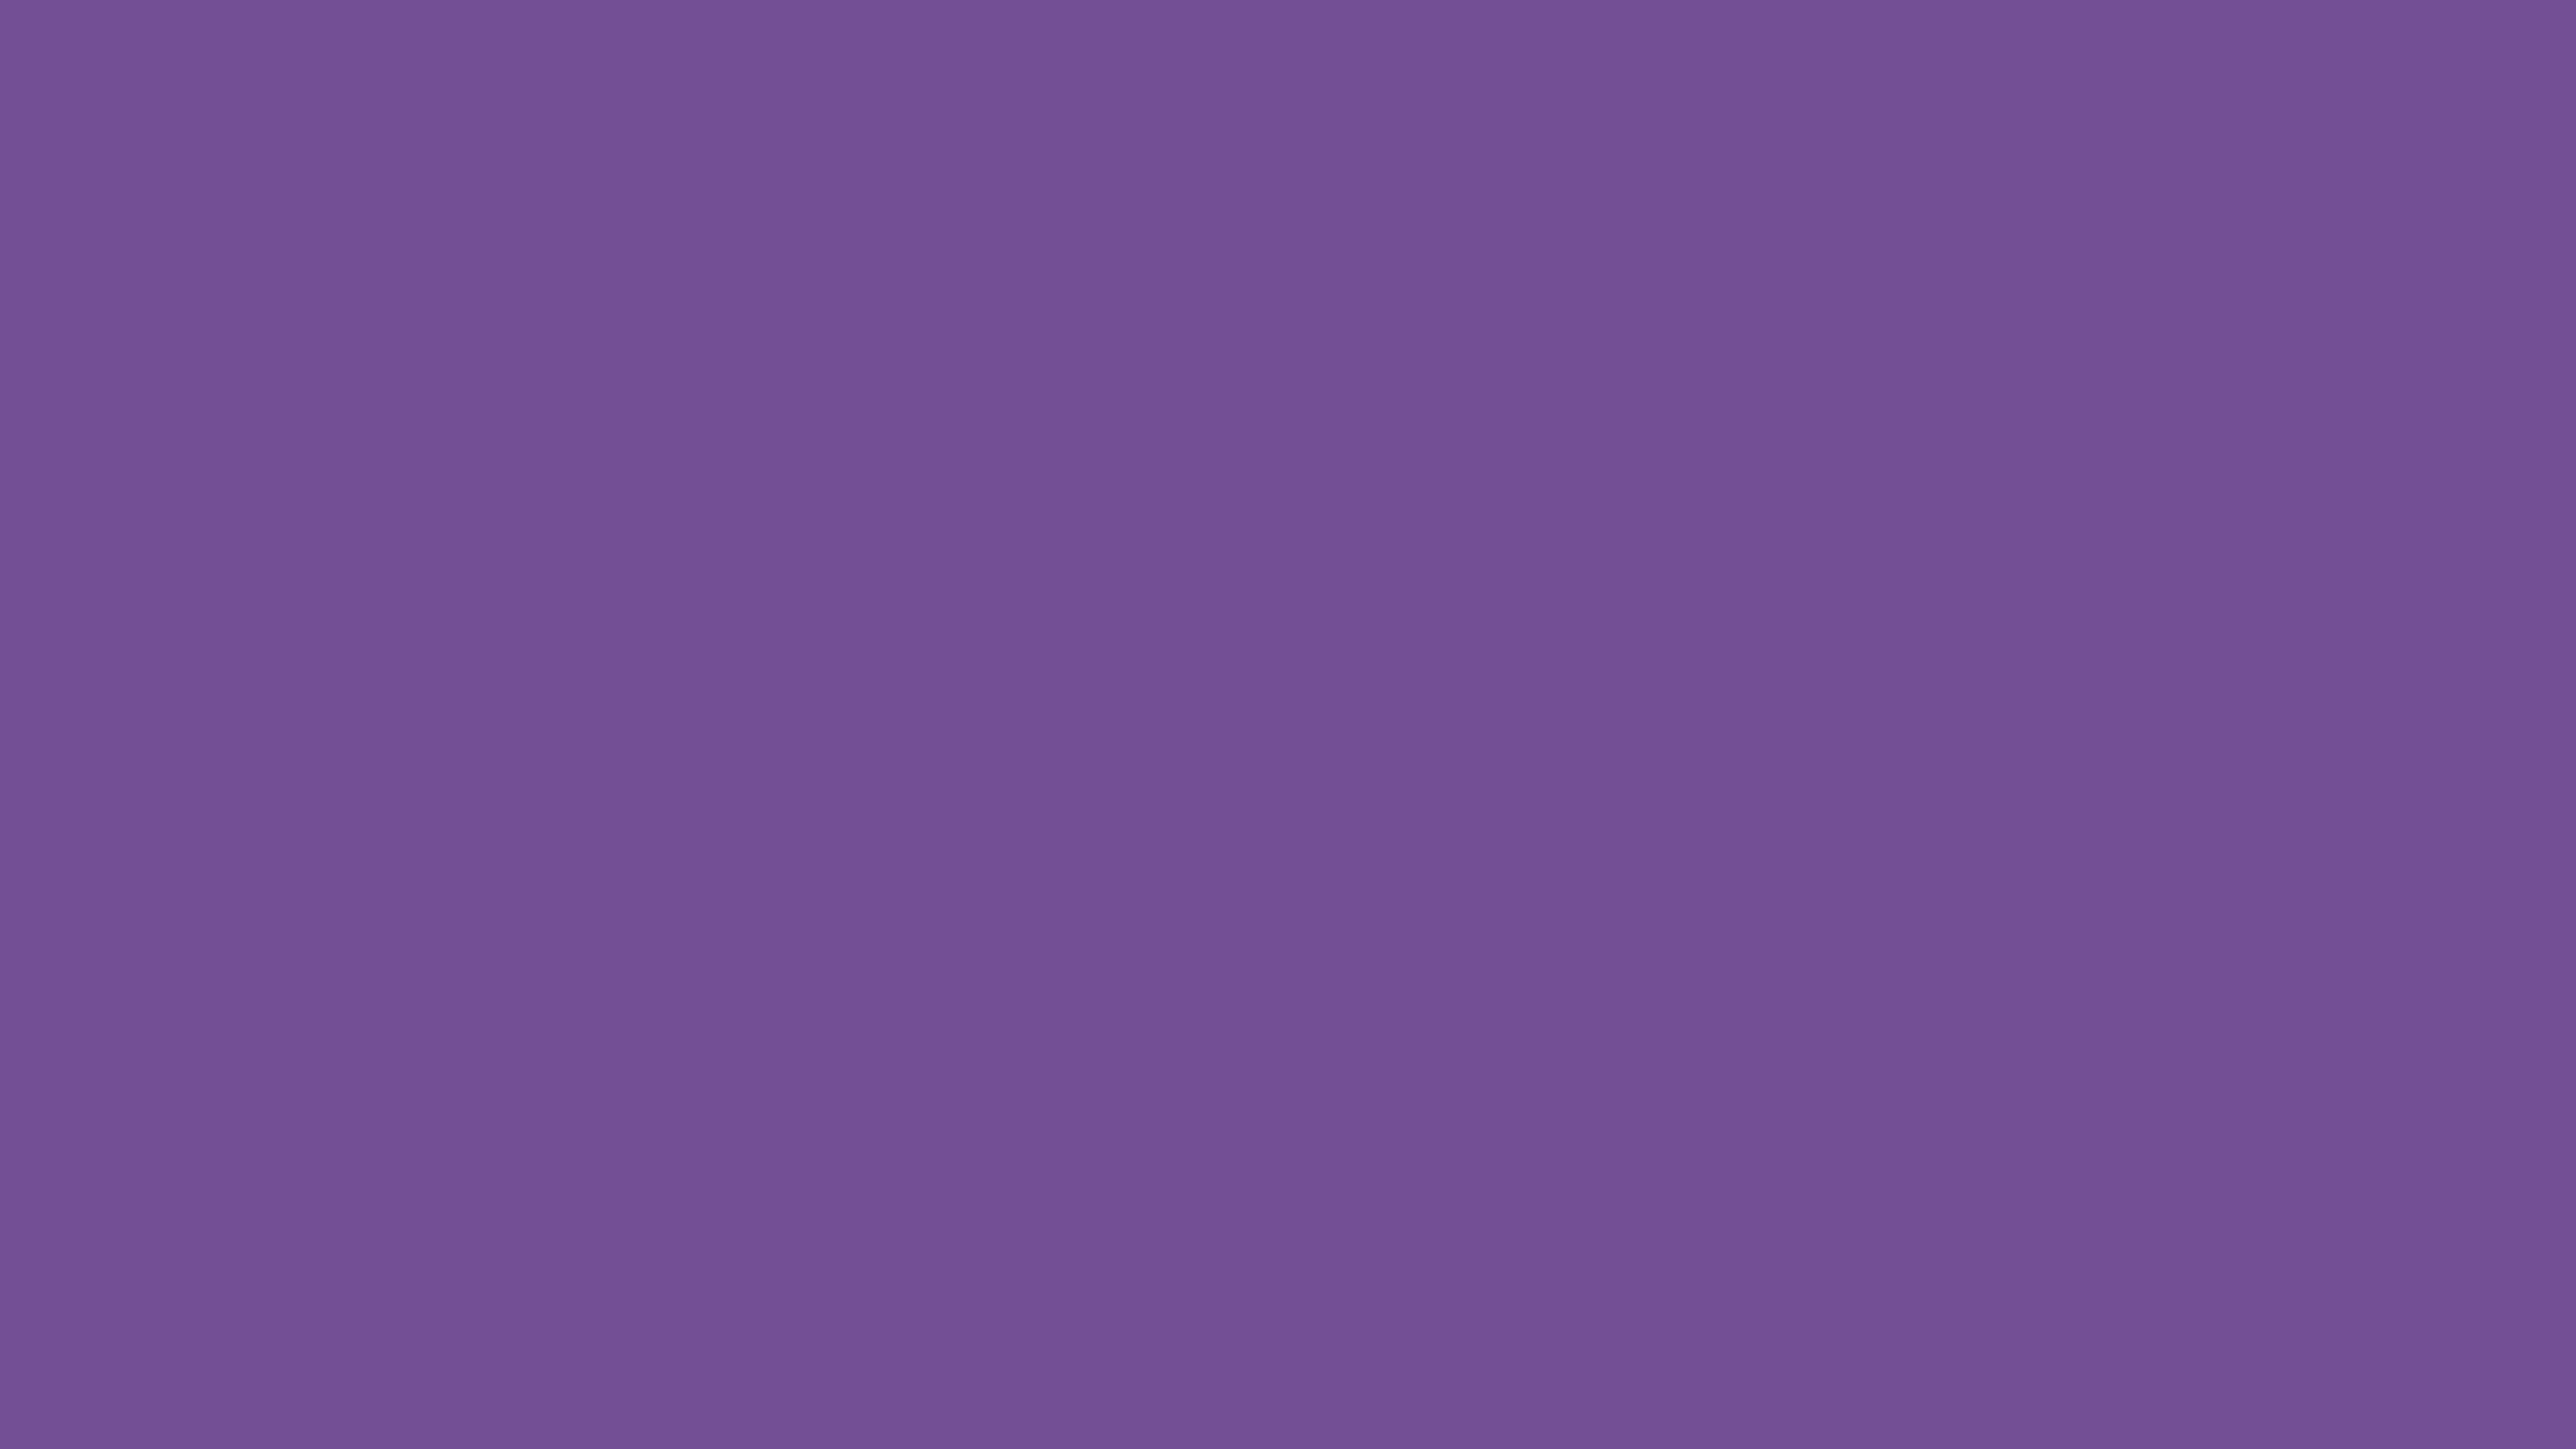 4096x2304 Dark Lavender Solid Color Background